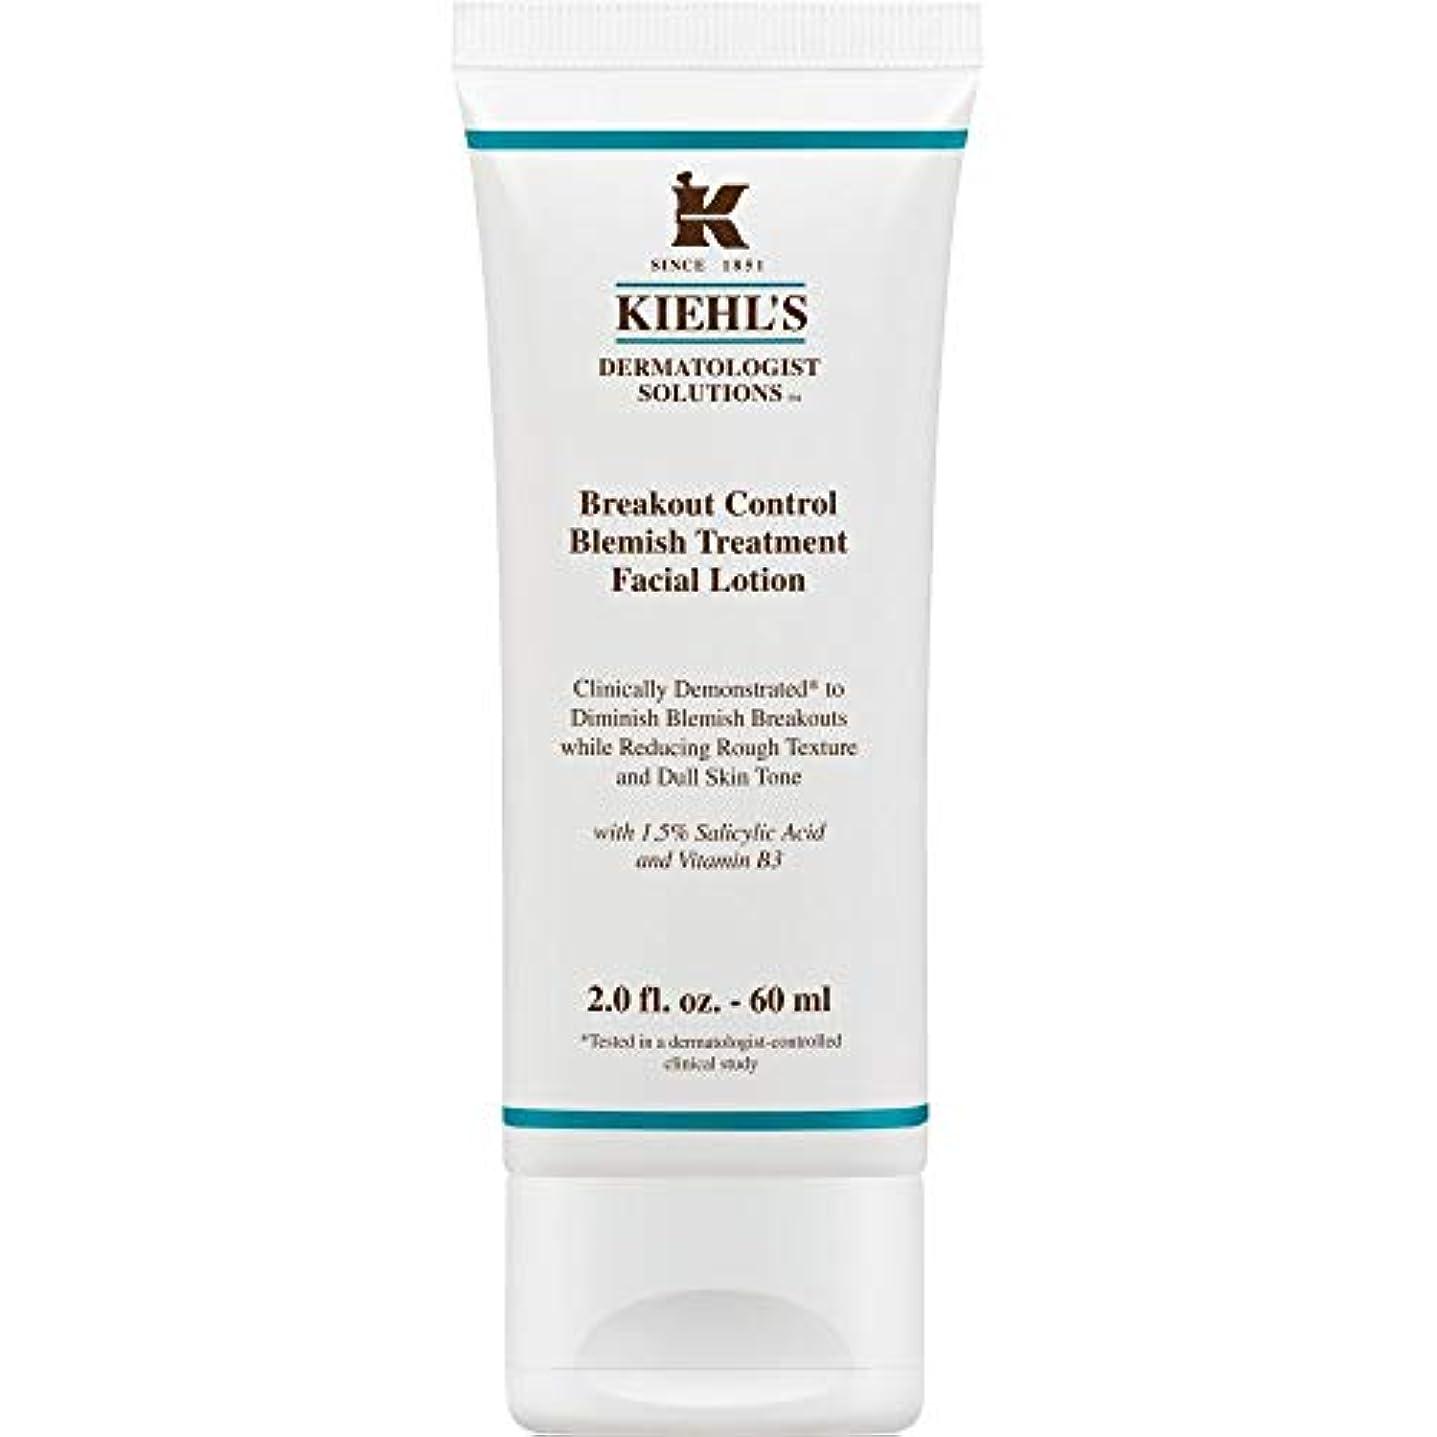 病者ピアニストペパーミント[Kiehl's] キールズブレイクアウト制御傷治療フェイシャルローション60ミリリットル - Kiehl's Breakout Control Blemish Treatment Facial Lotion 60ml...